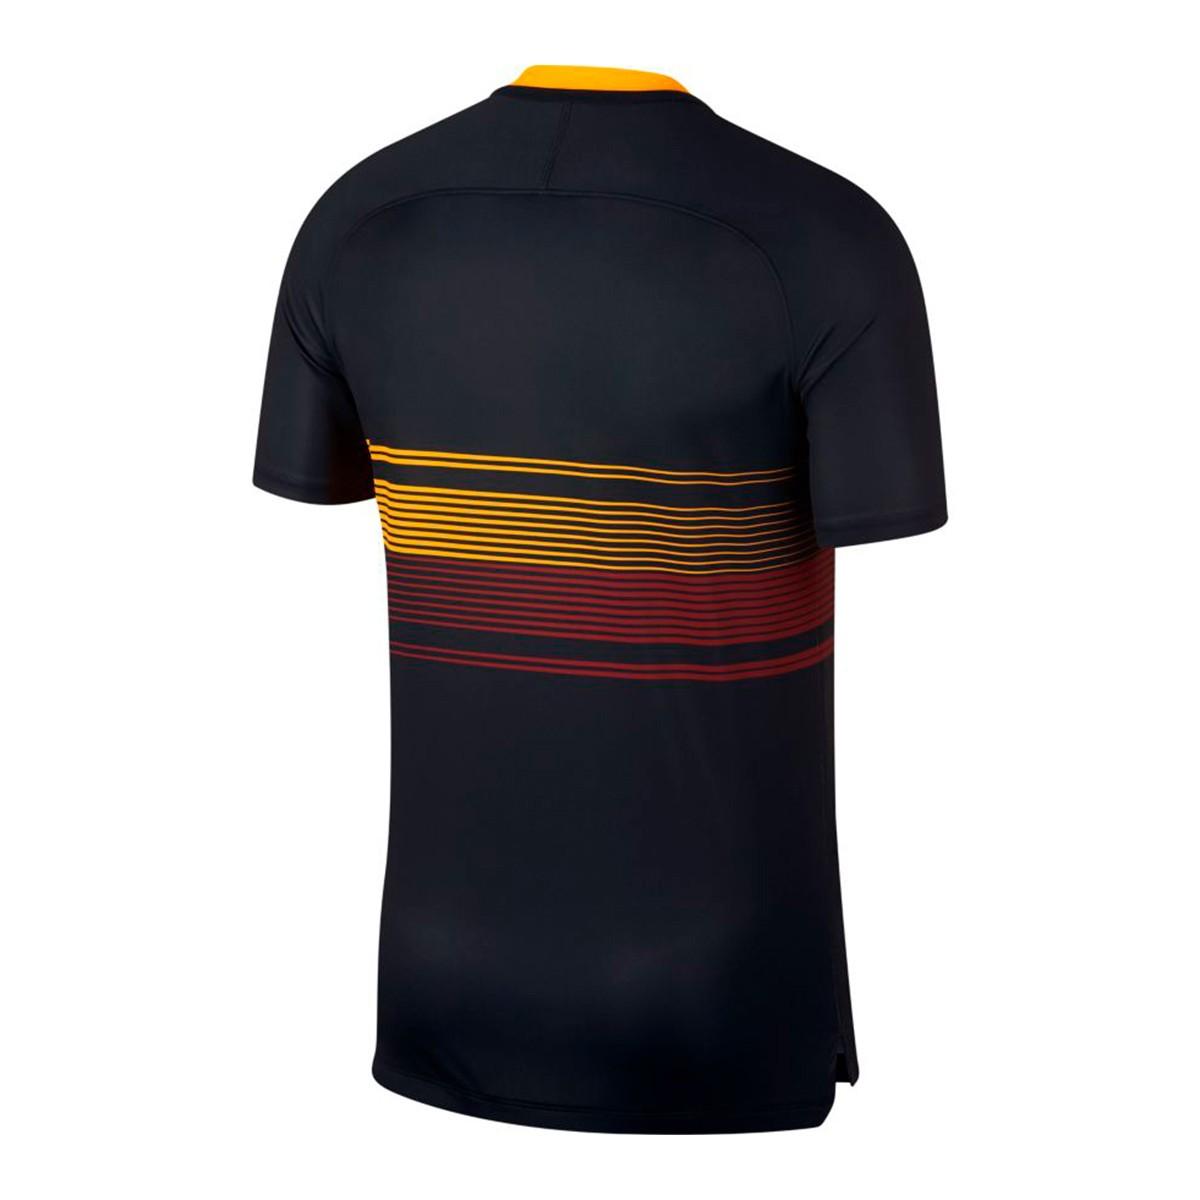 comprar camiseta ROMA modelos